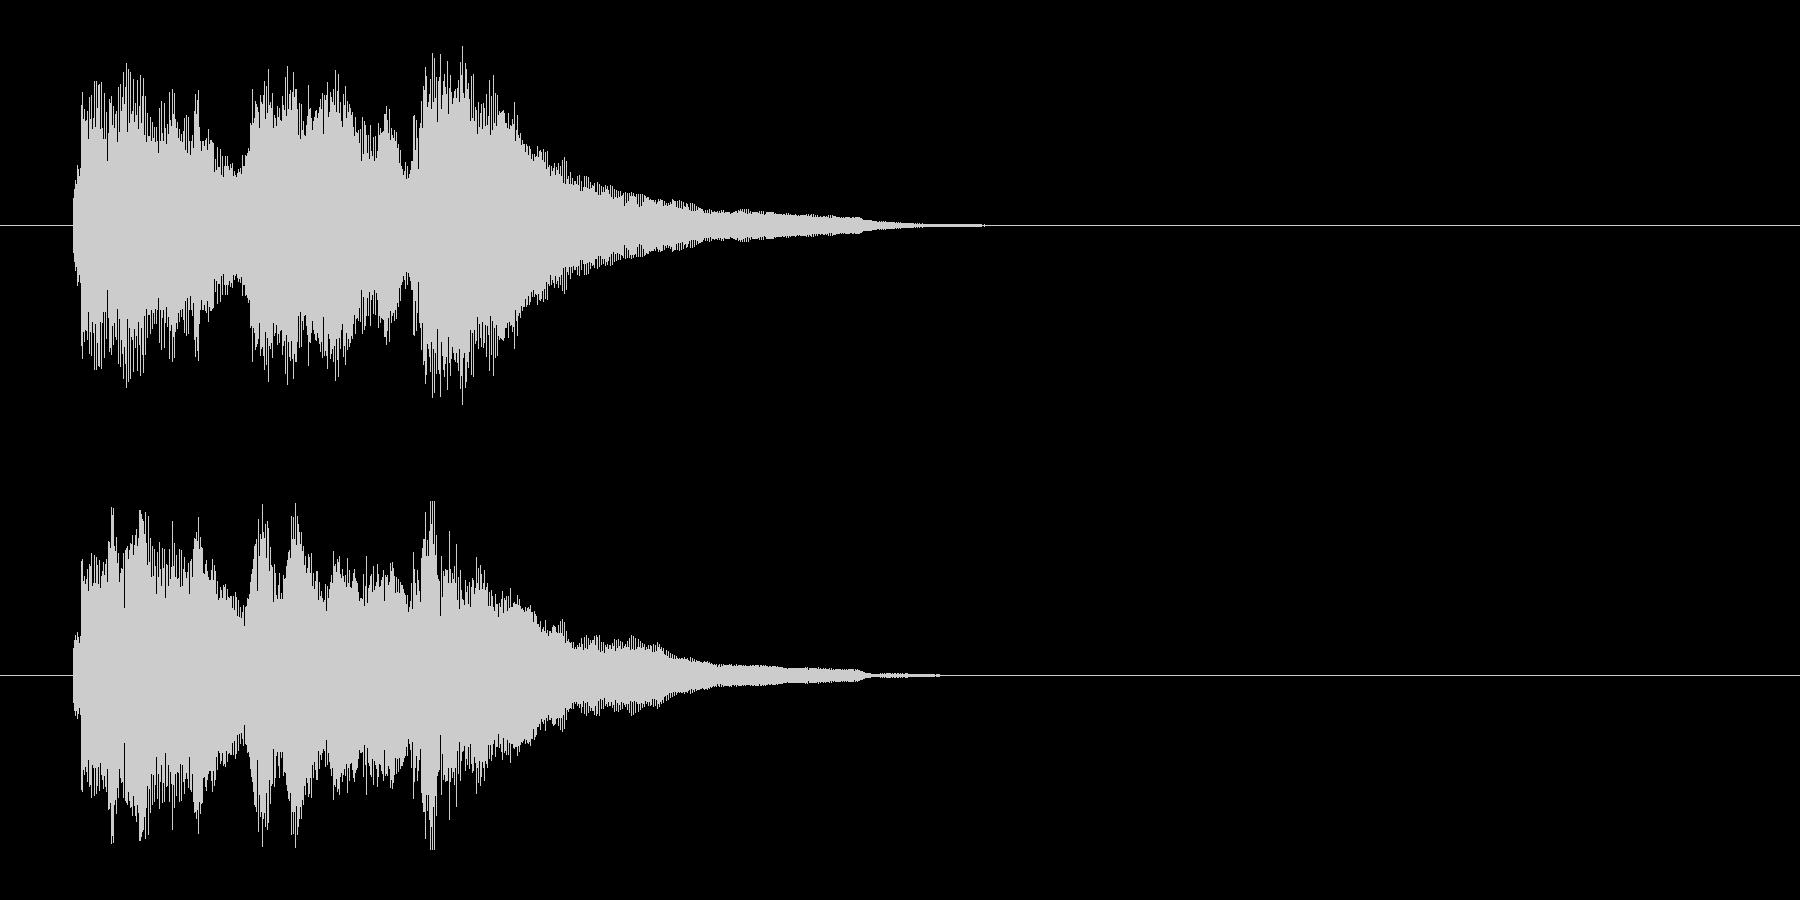 場面転換ジングルの未再生の波形